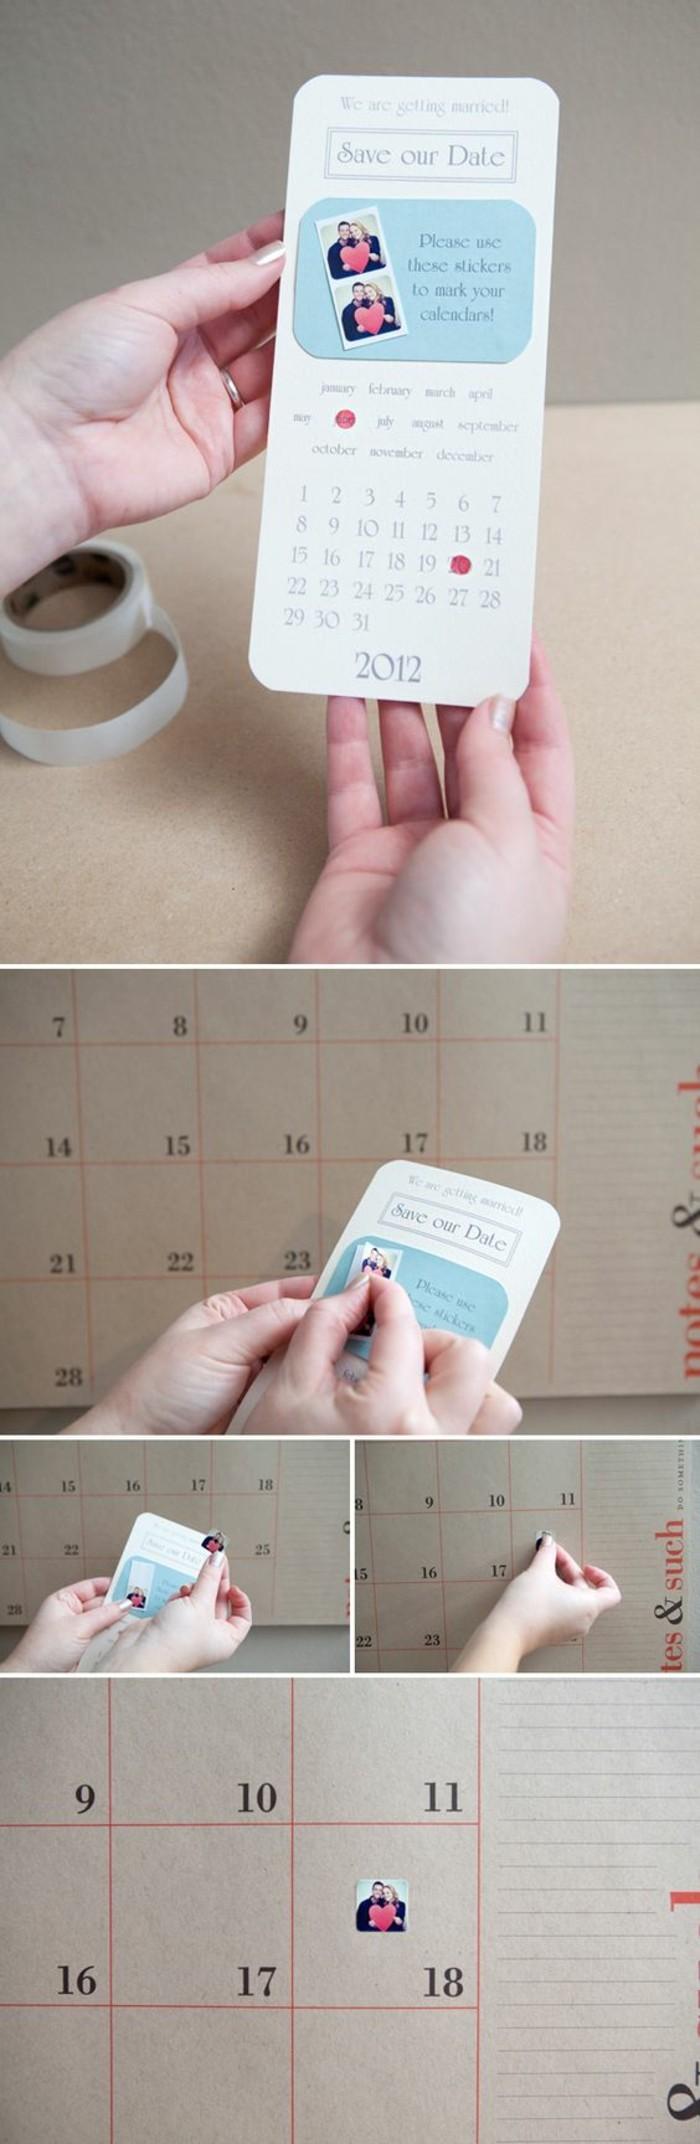 000-carte-d-invitation-mariage-avec-un-petit-calendar-idee-carte-d-invitation-mariage